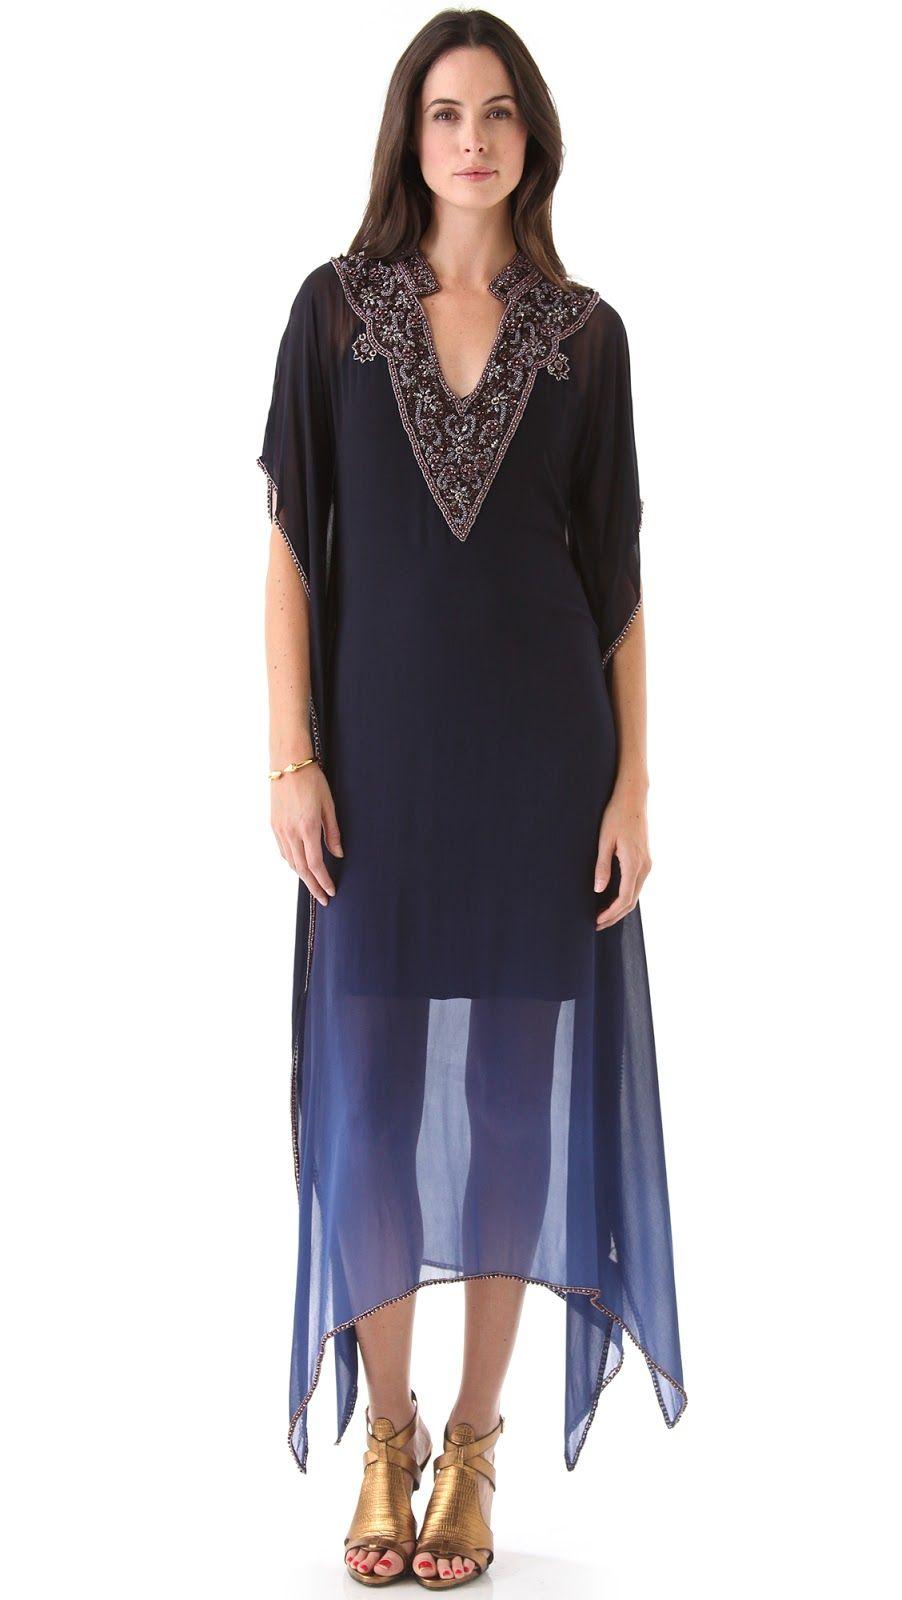 1.bp.blogspot.com -ag0E9XUEhLw UN54zcJvNoI AAAAAAAAYBc s7Jywu48W-U s1600 DALLIN+CHASE+Blue+Trace+Caftan+Dress.jpg